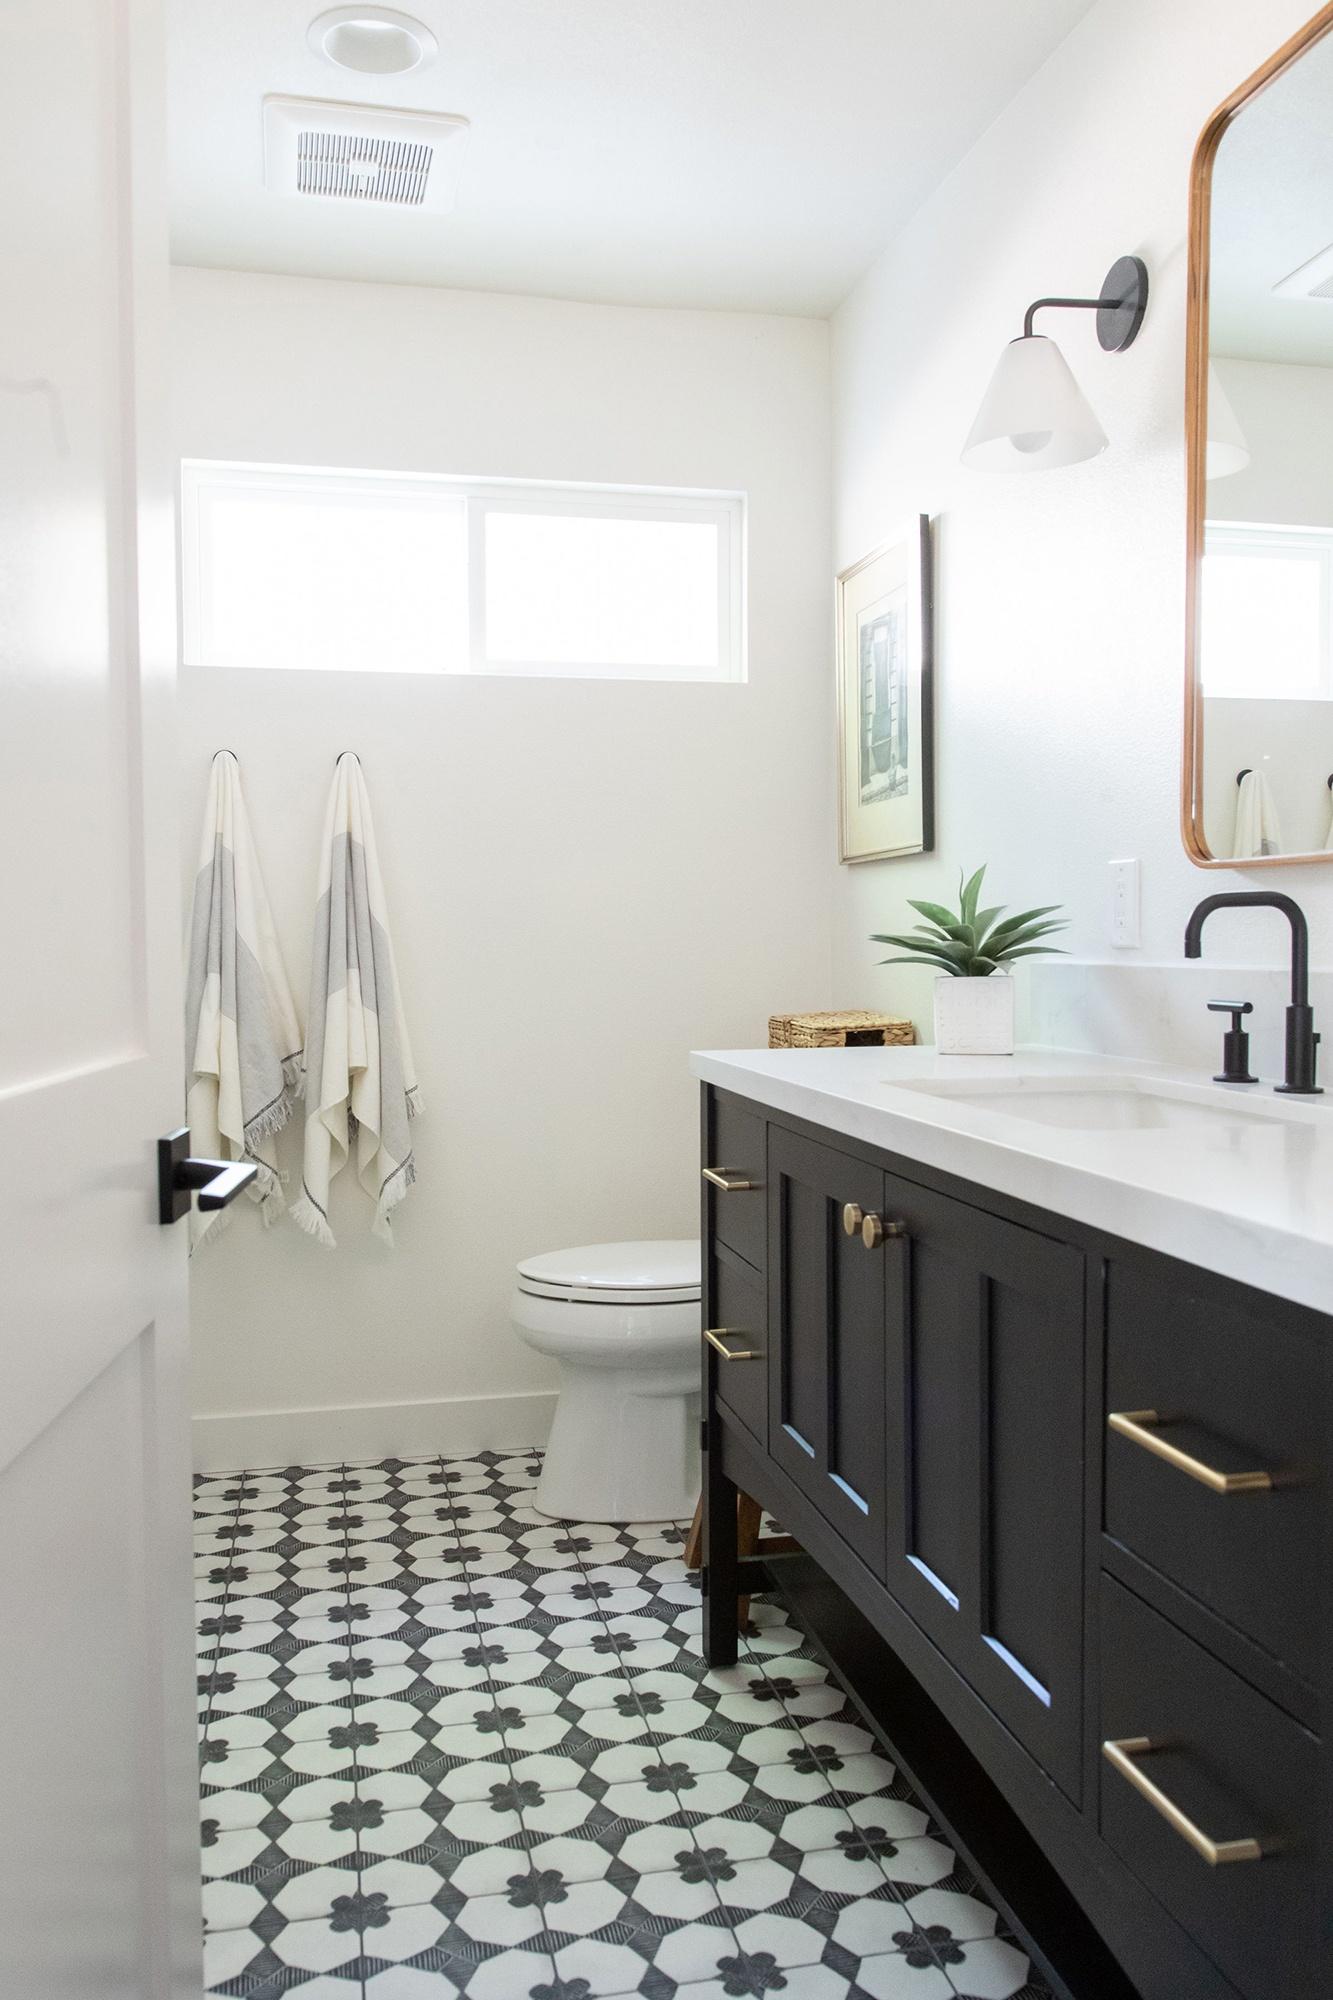 Porcelain-tile-flooring-in-bathroom-renovation